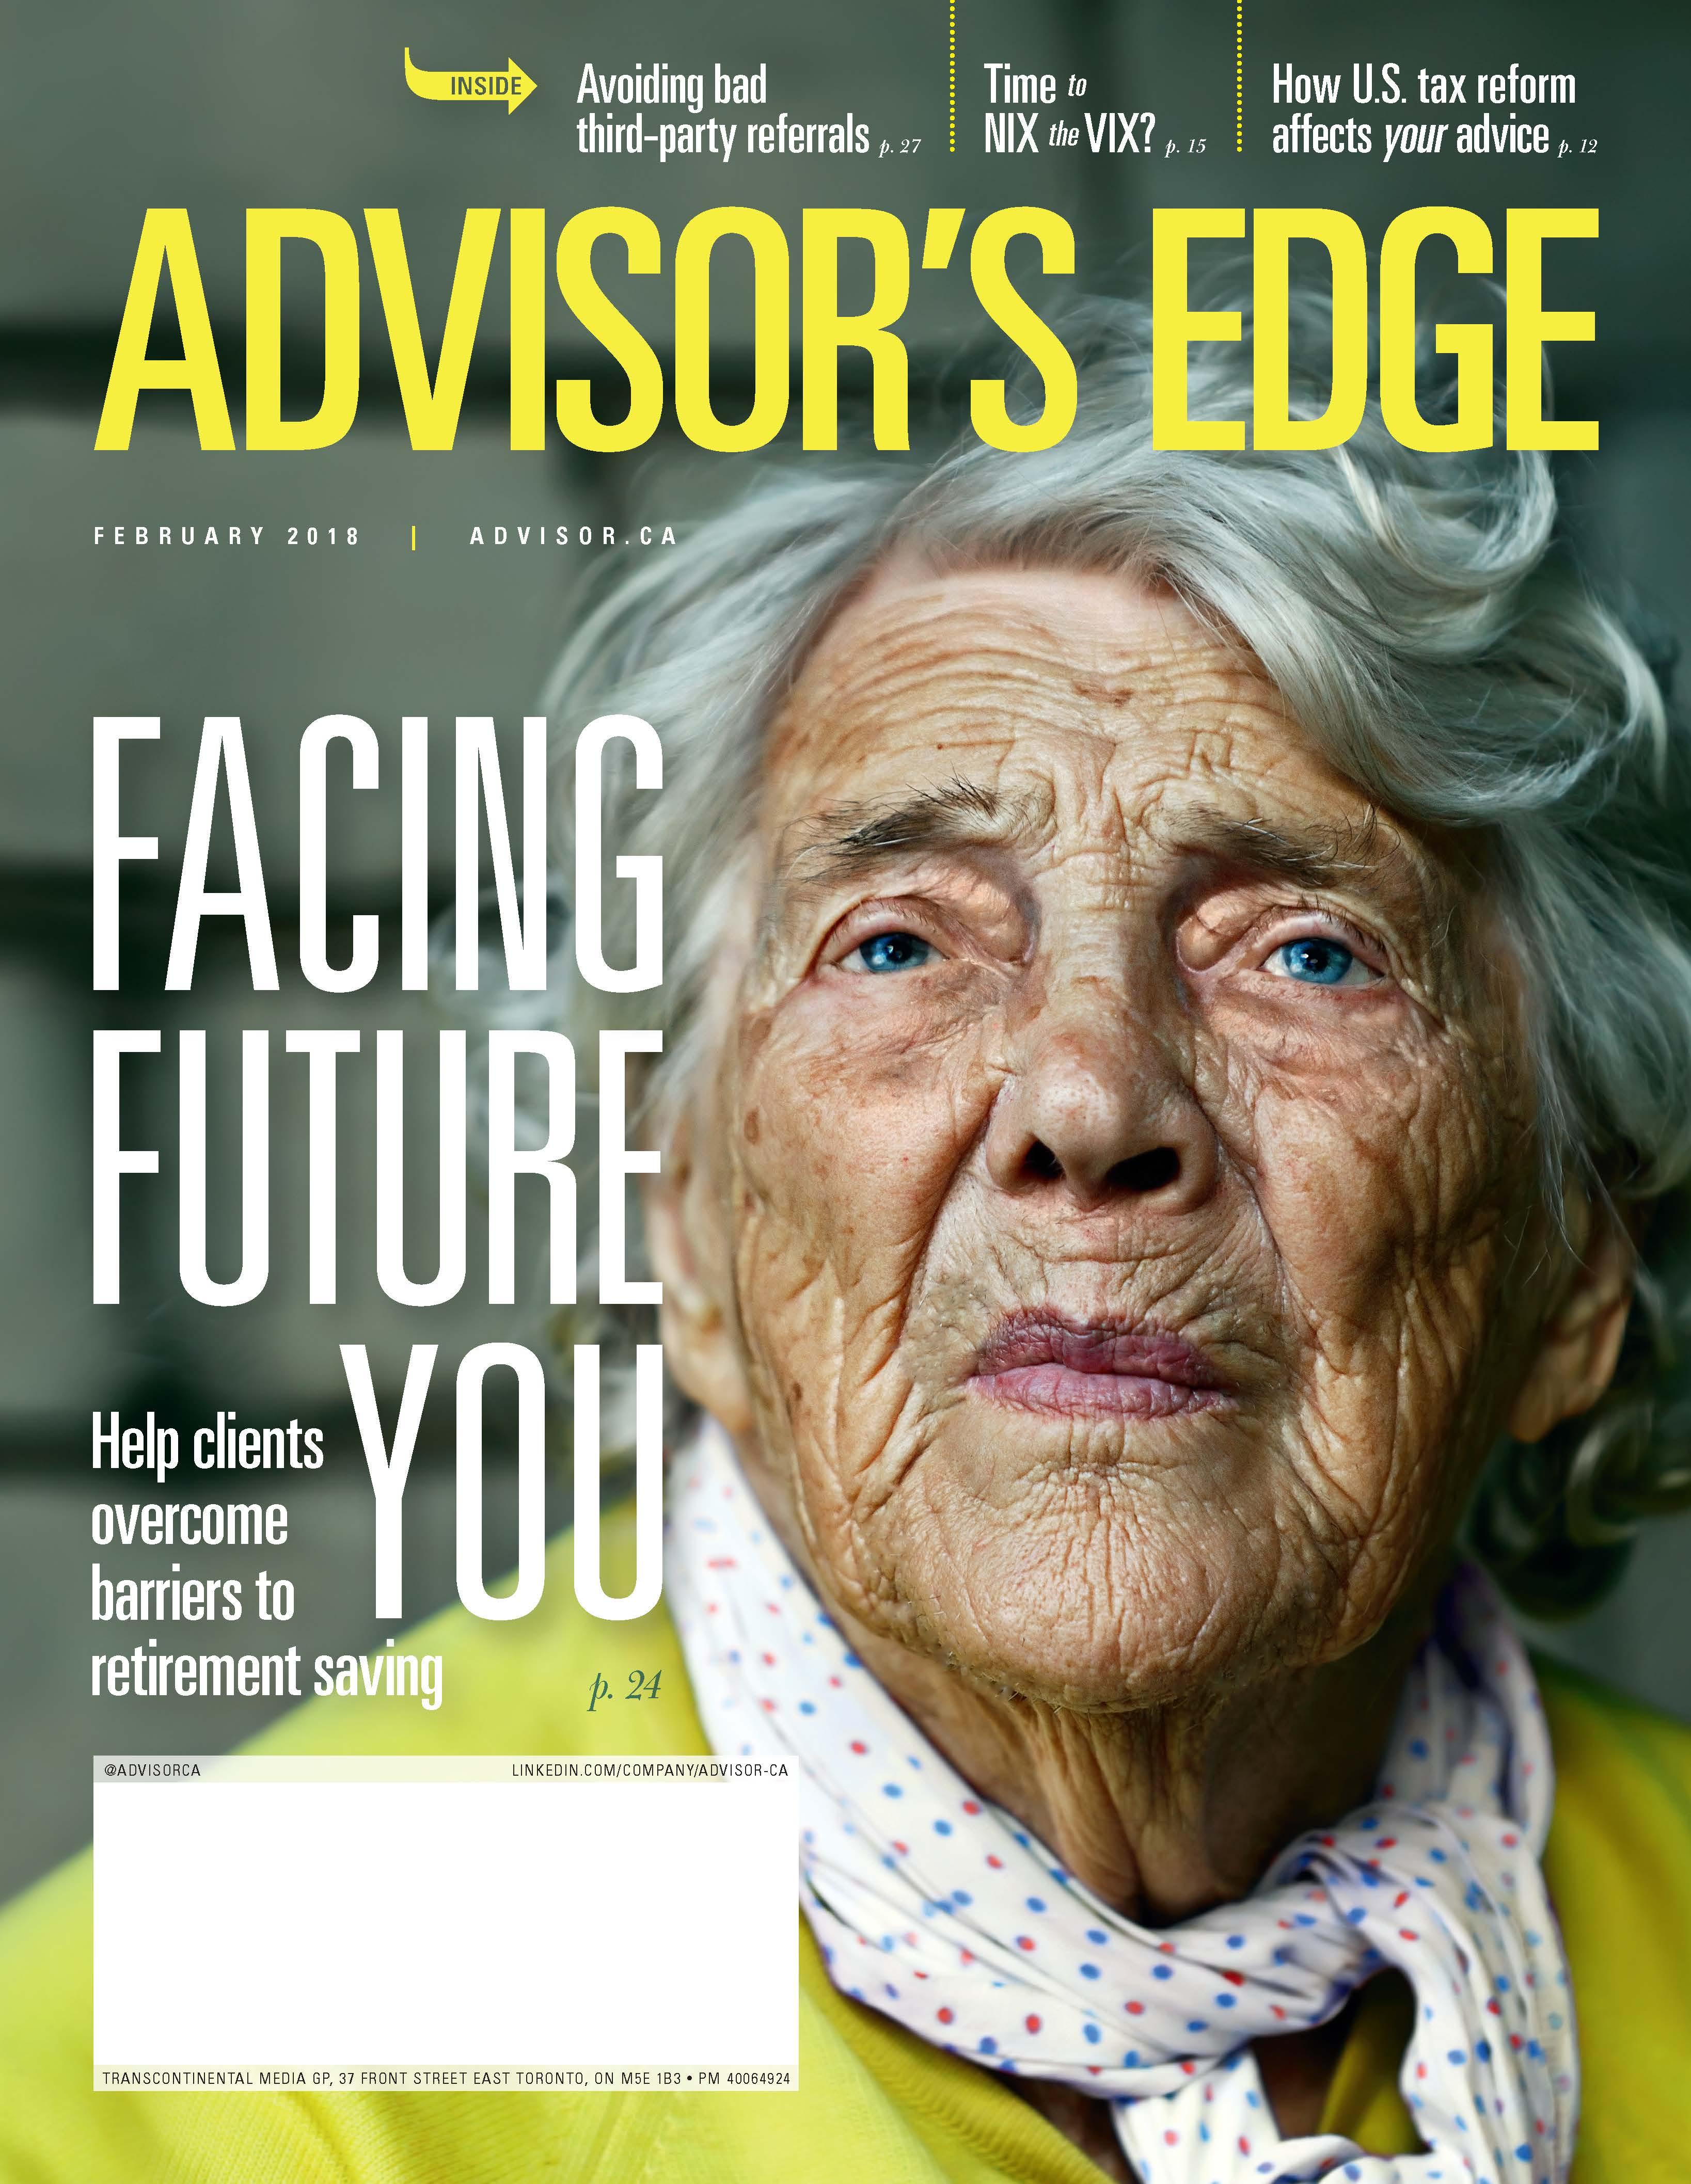 Advisor's Edge – 1 février 2018